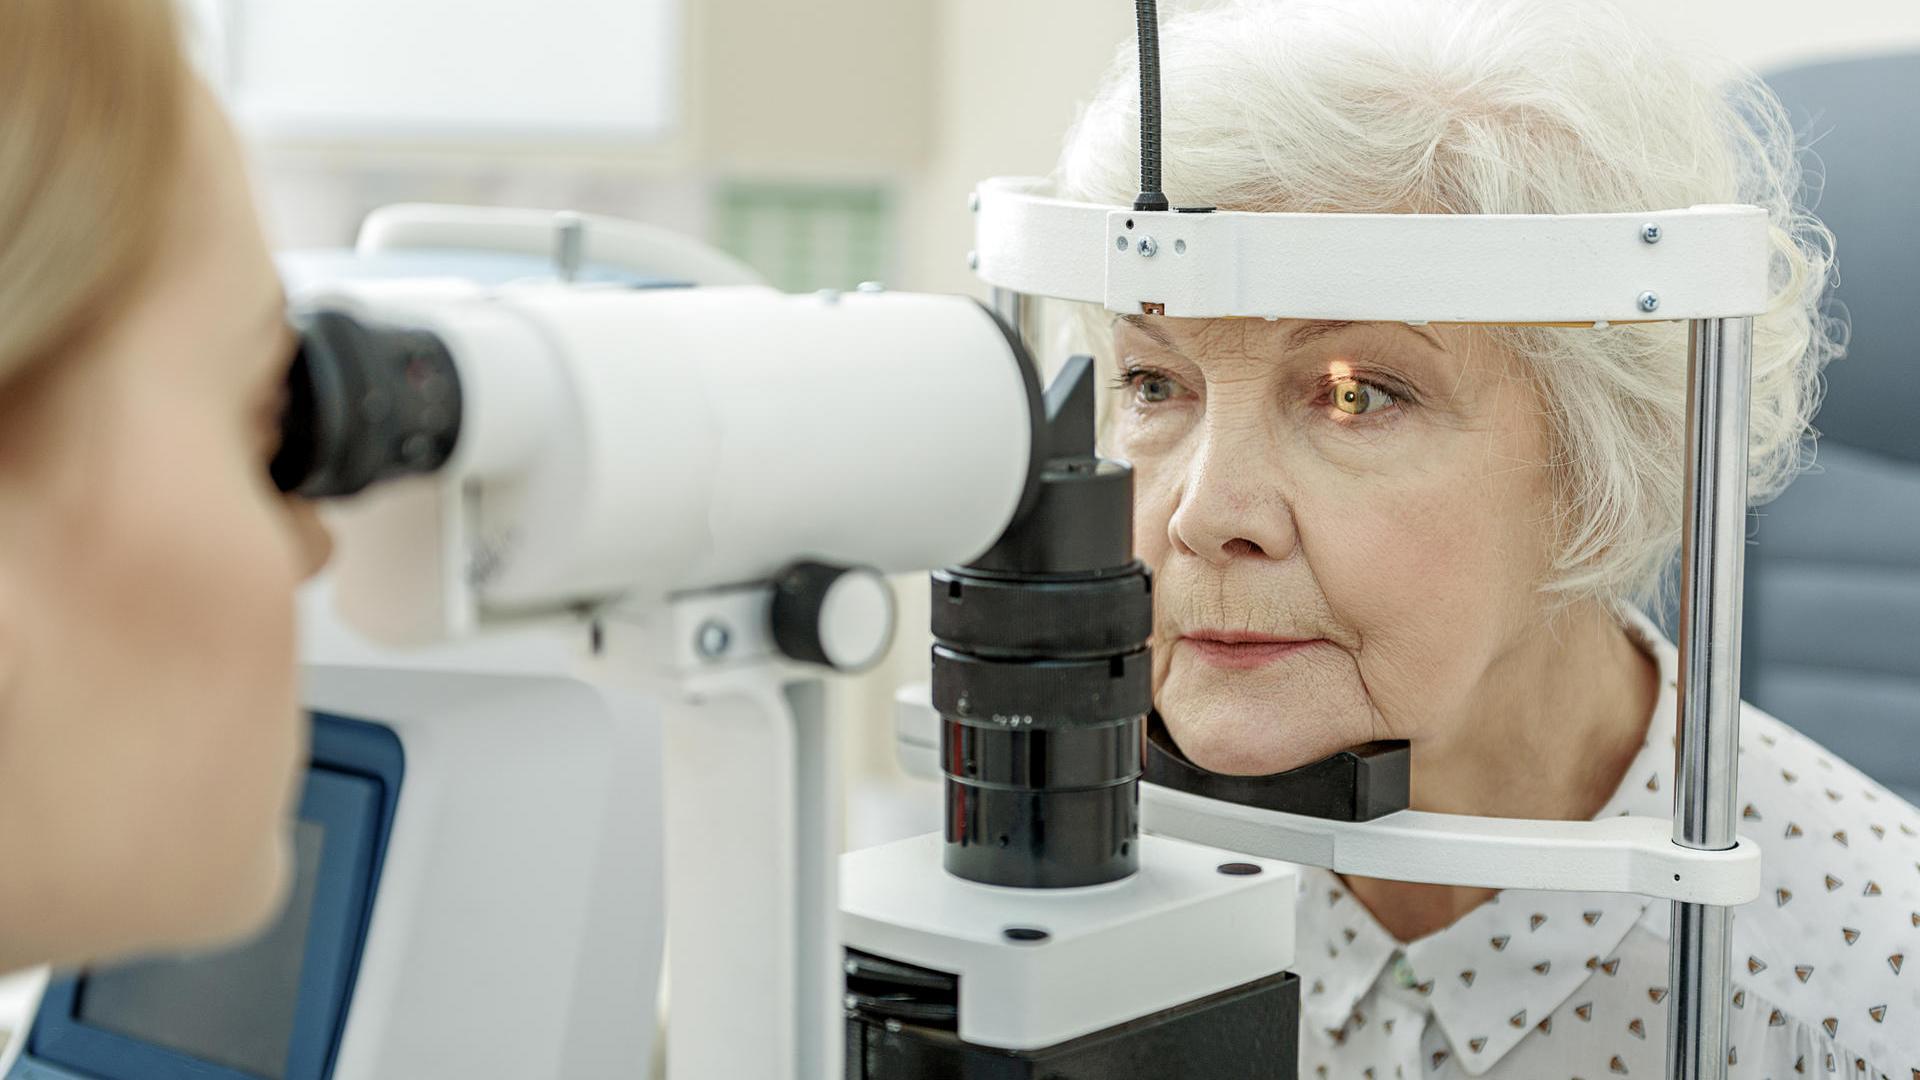 Исследована связь нарушений зрения и снижения когнитивных функций у пожилых пациентов